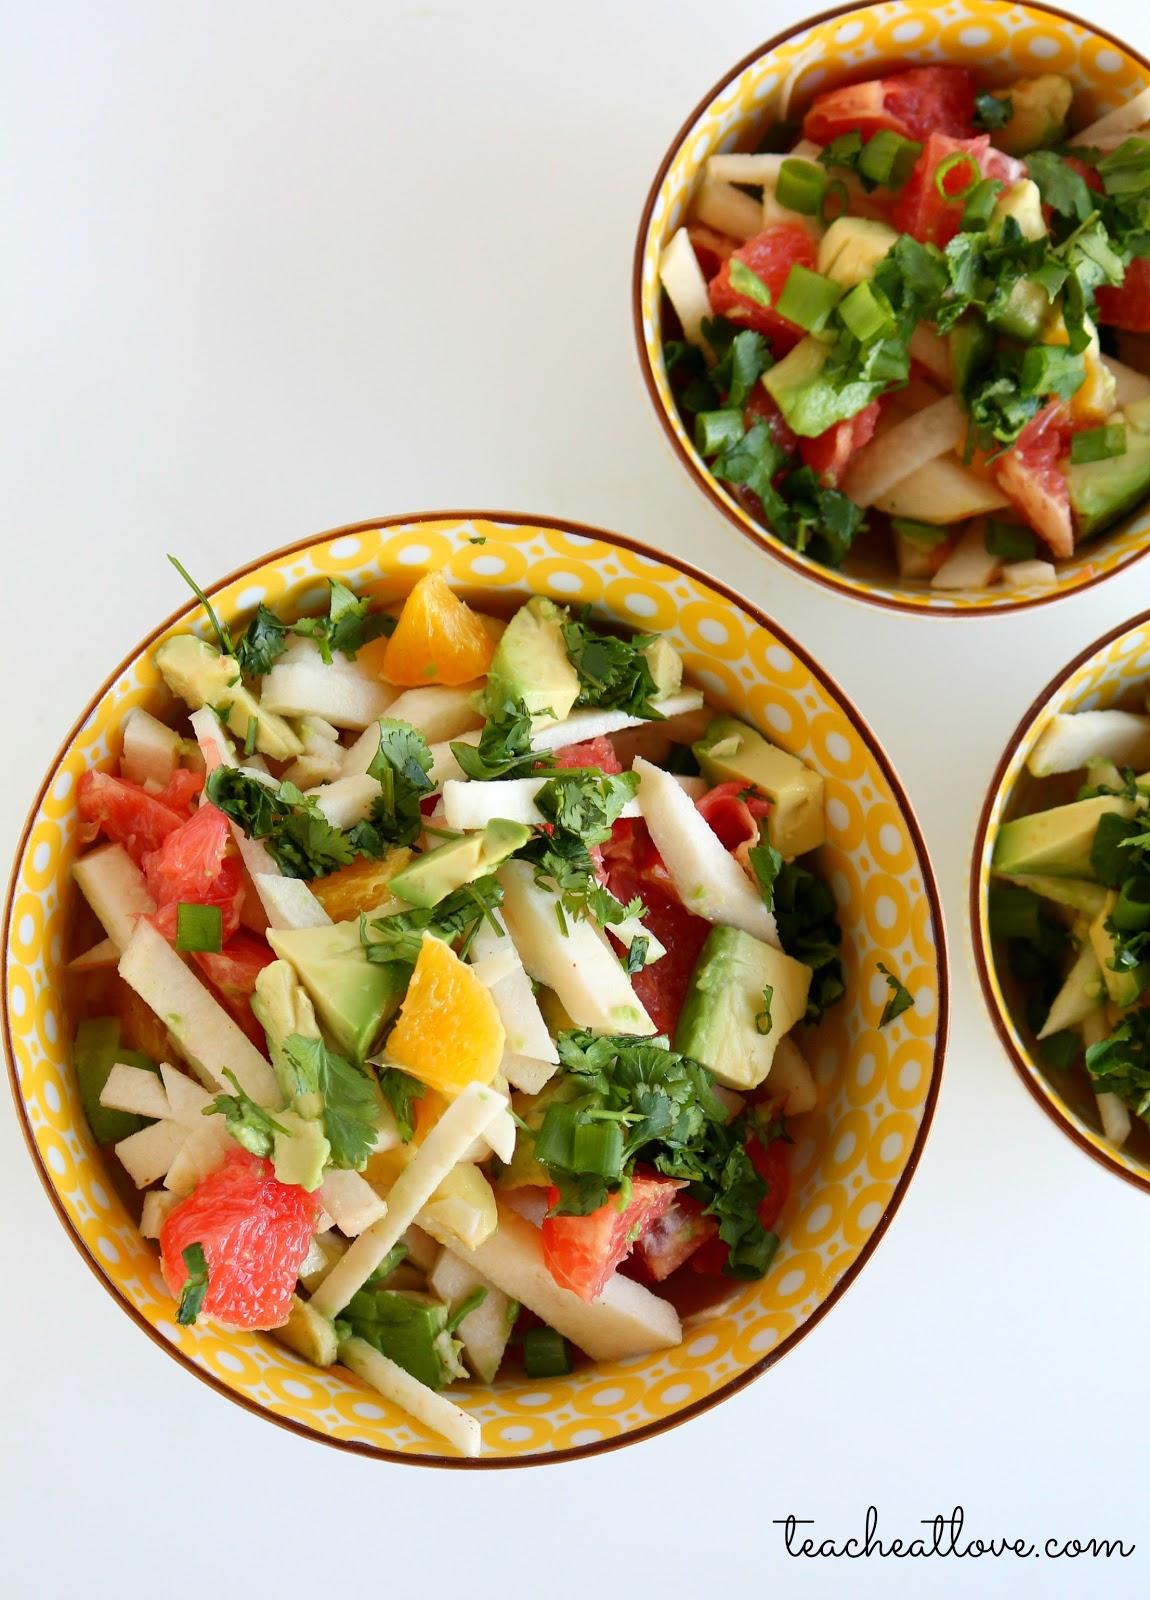 salad s avocado orange and jicama salad recipe mb boissonnault food ...